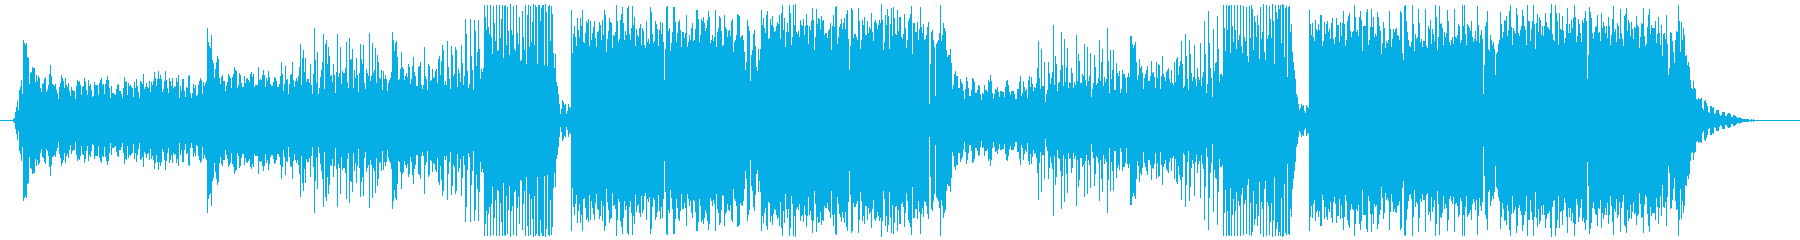 ランキング動画等に最適なフェス系EDMの再生済みの波形